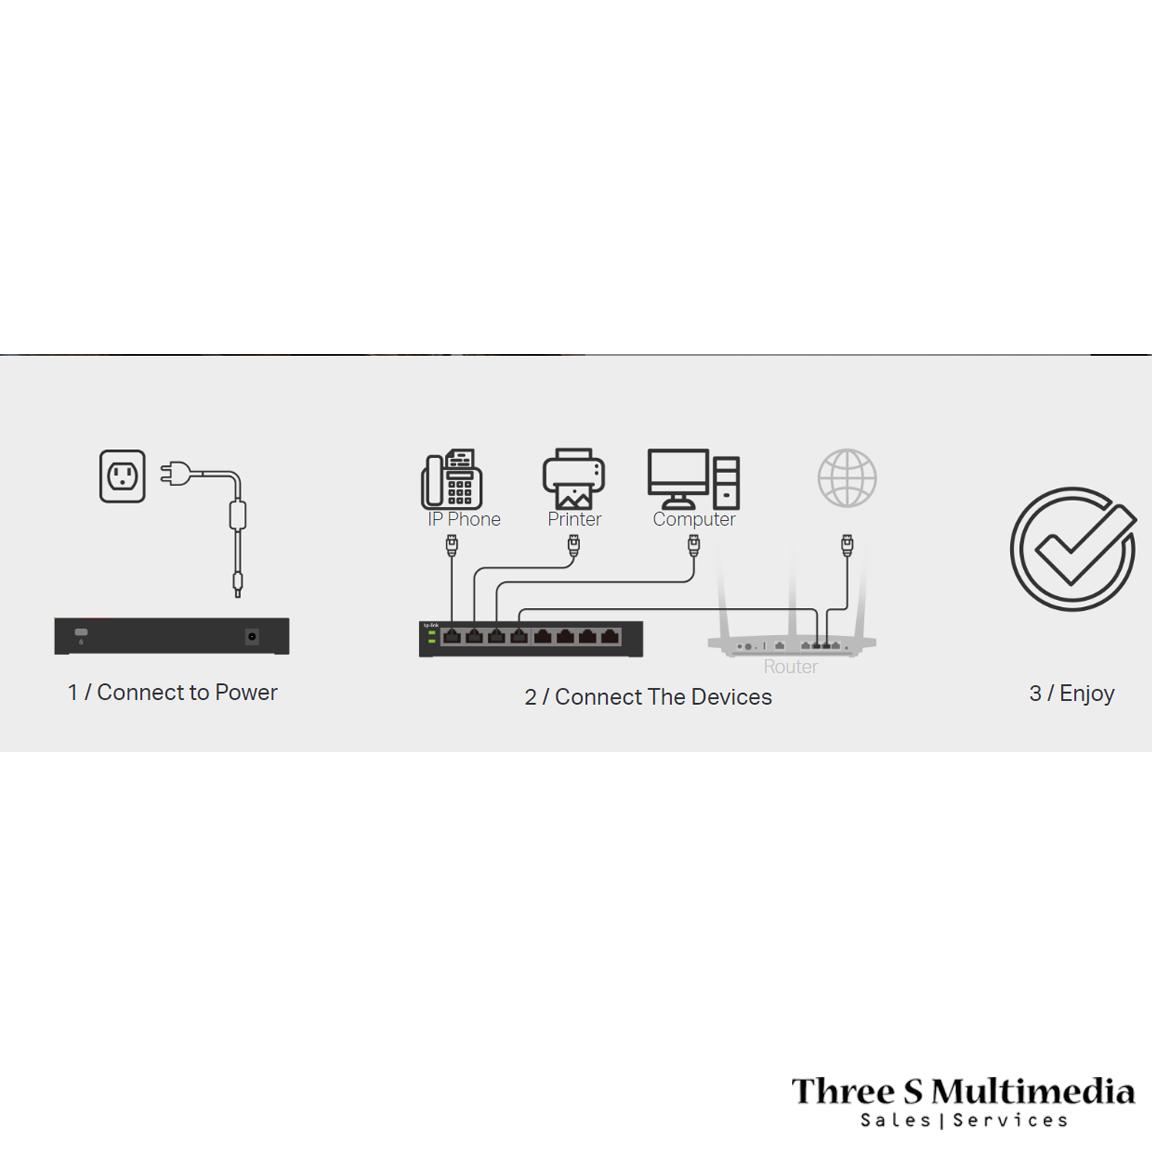 TP-LINK 8-Port Gigabit Unmanaged Pro Switch TL-SG108E